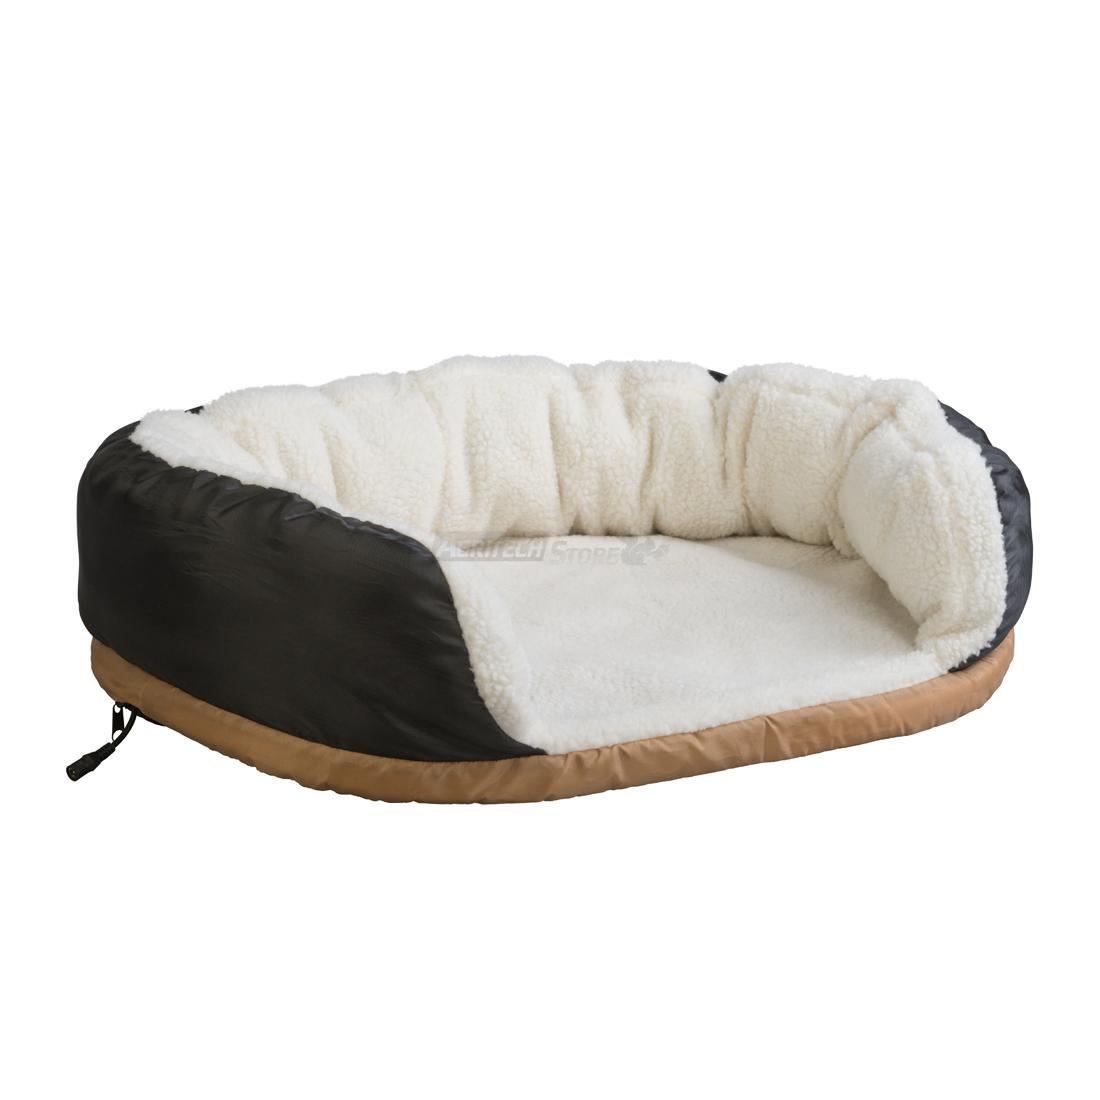 Cuccia per animali imbottita riscaldante - Tappetino riscaldante per cani ...